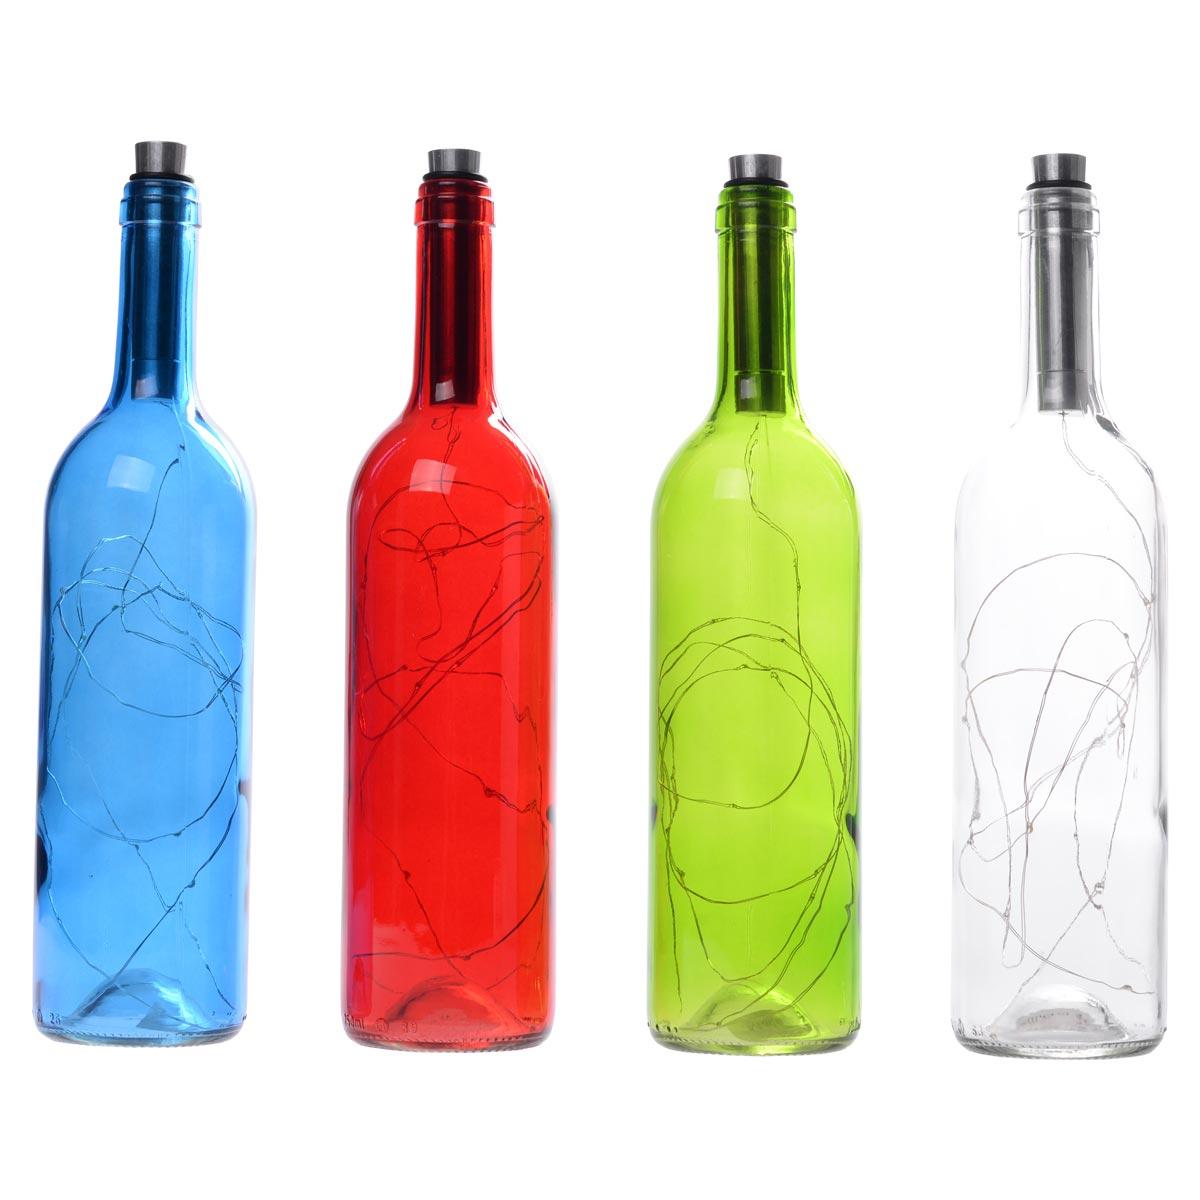 Διακοσμητικό φωτιστικό σε μπουκάλι κρασιού με LED φωτισμό - Γαλάζιο - OEM 52262